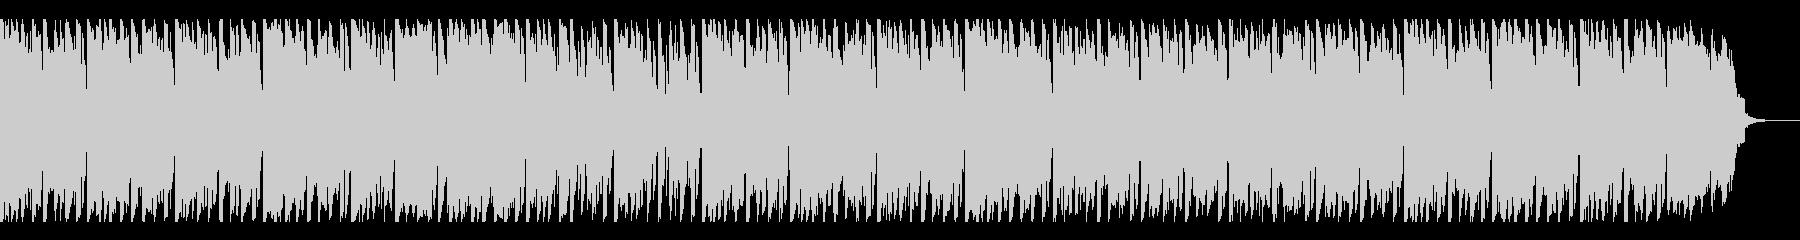 ほのぼのとしたレゲエカントリーの未再生の波形